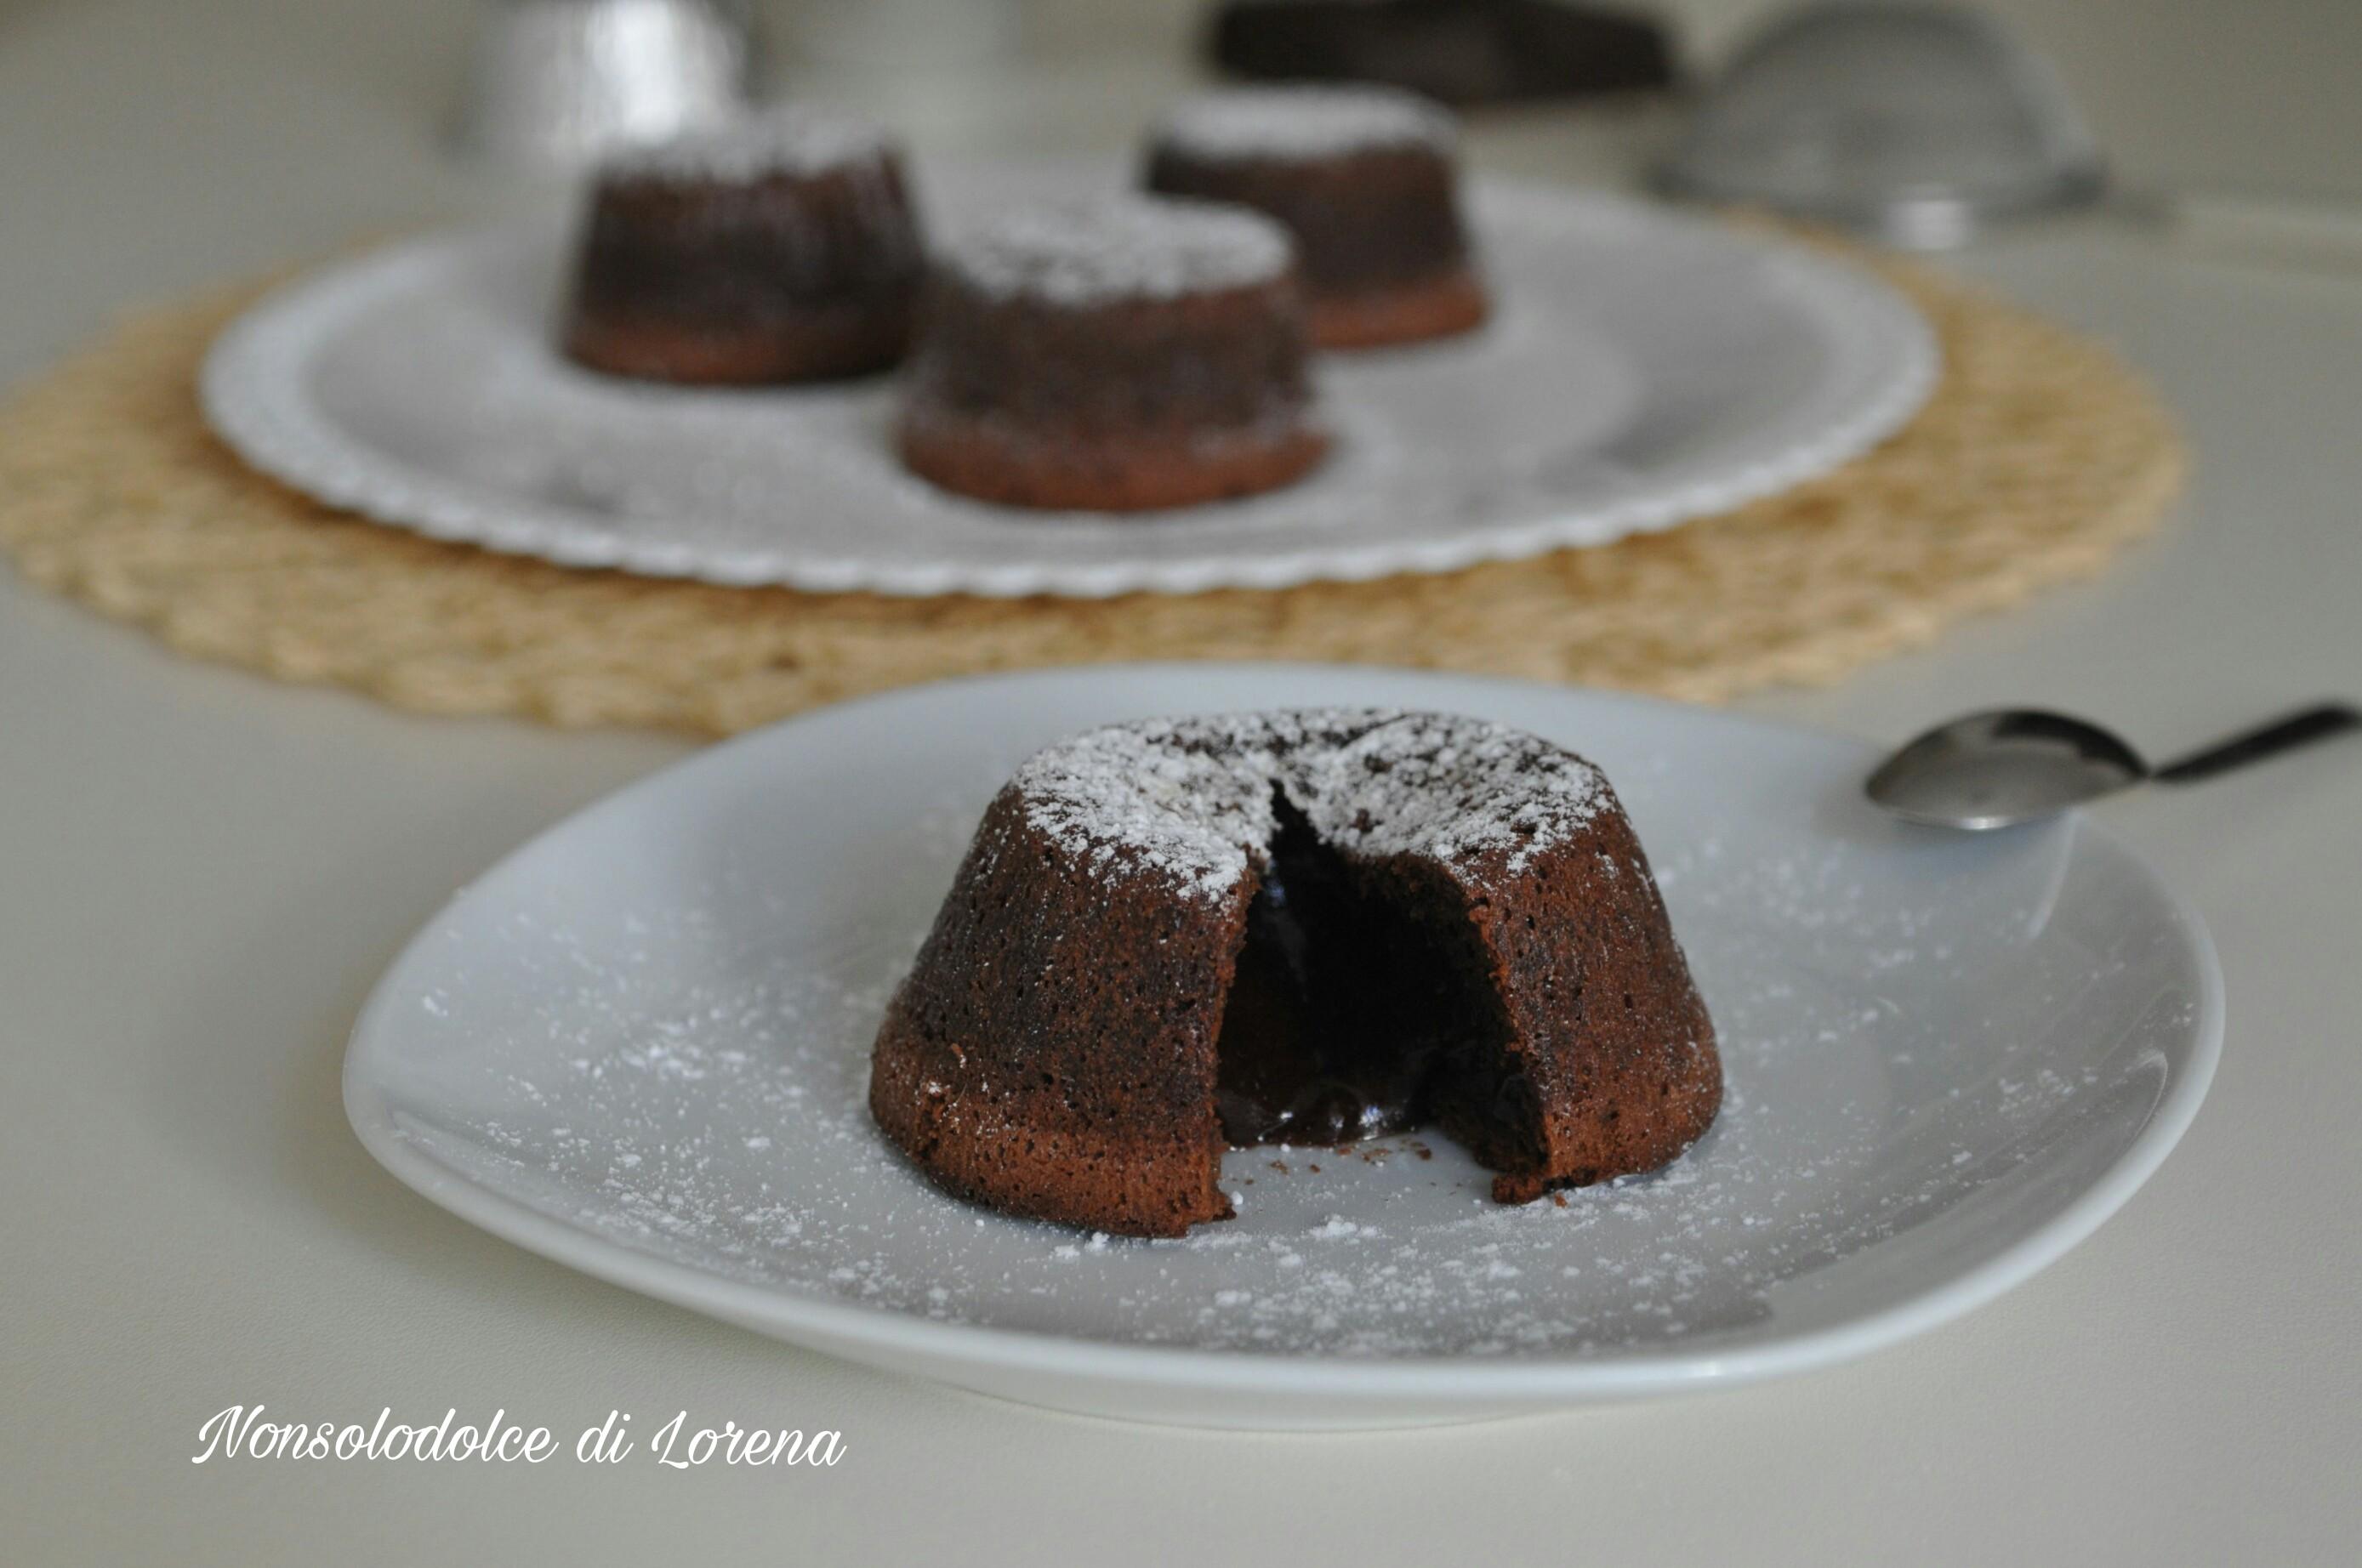 Tortini al cioccolato fondente dal cuore morbido